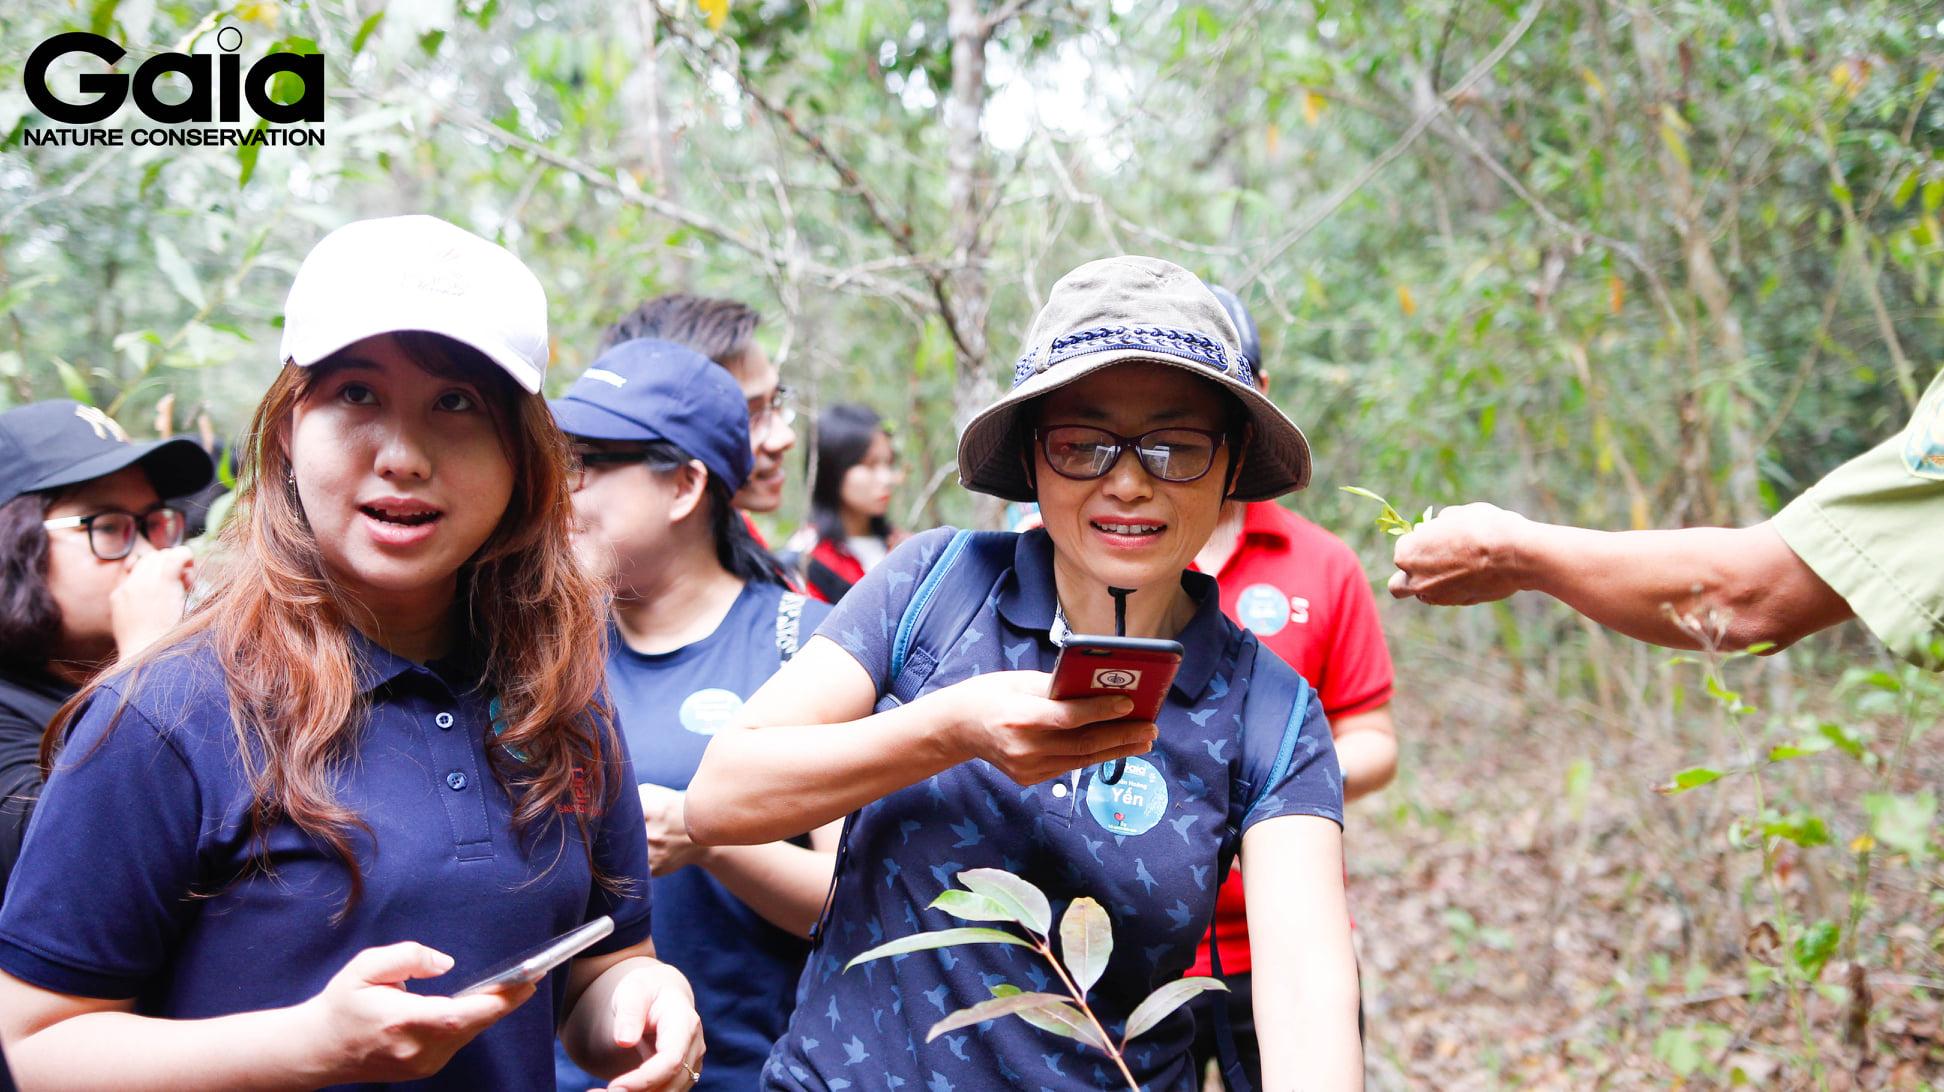 Những khoảnh khắc tuyệt vời trong rừng